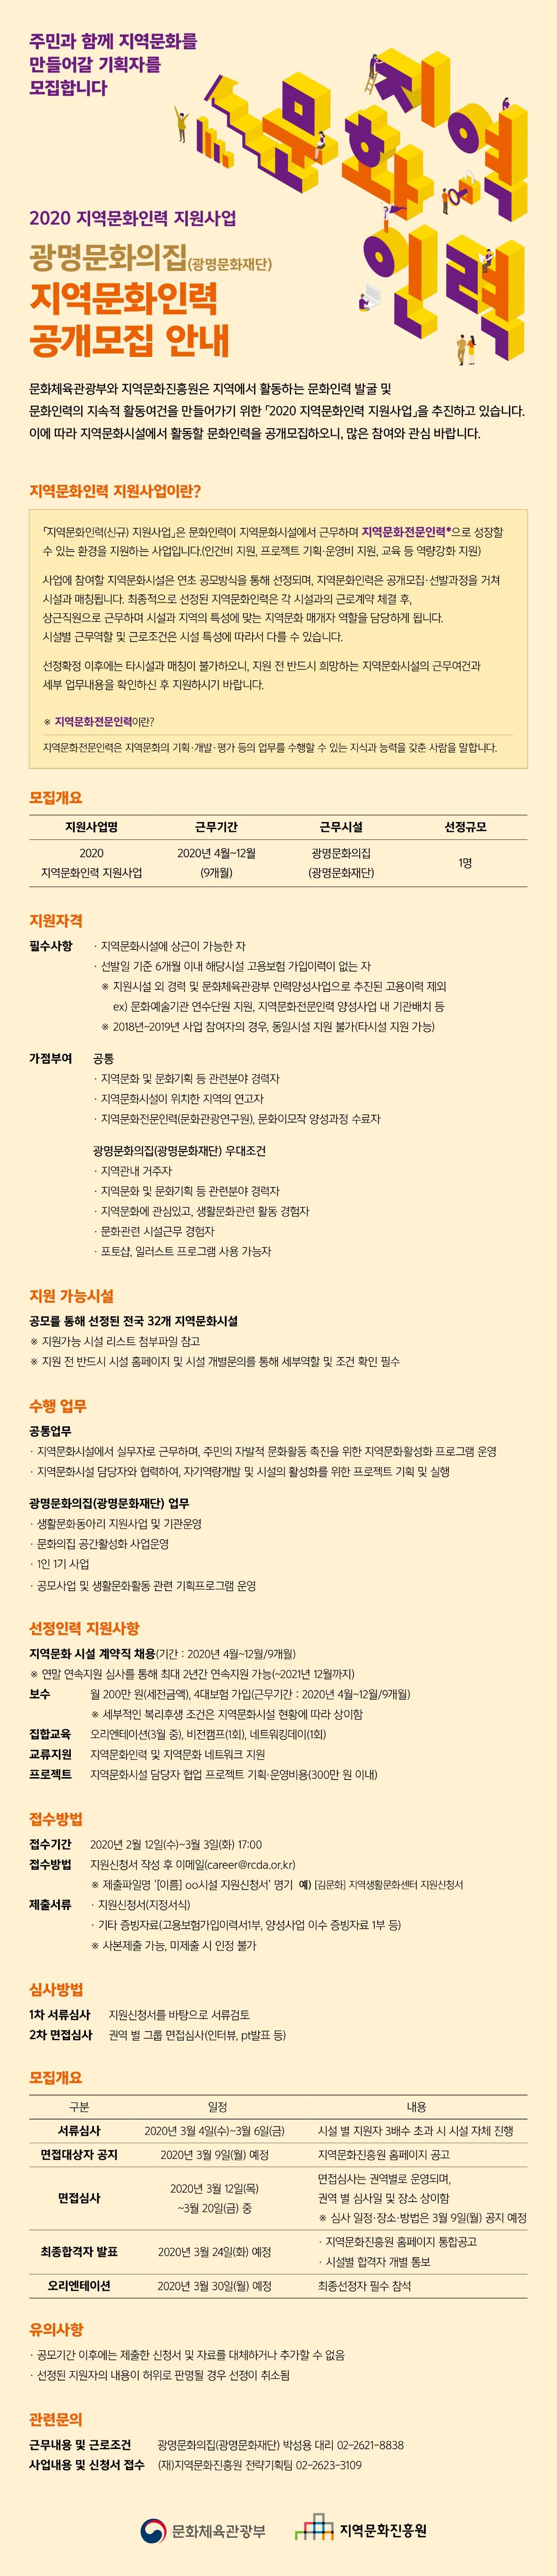 2020 지역문화인력 지원사업_웹배너_경기광명시.jpg